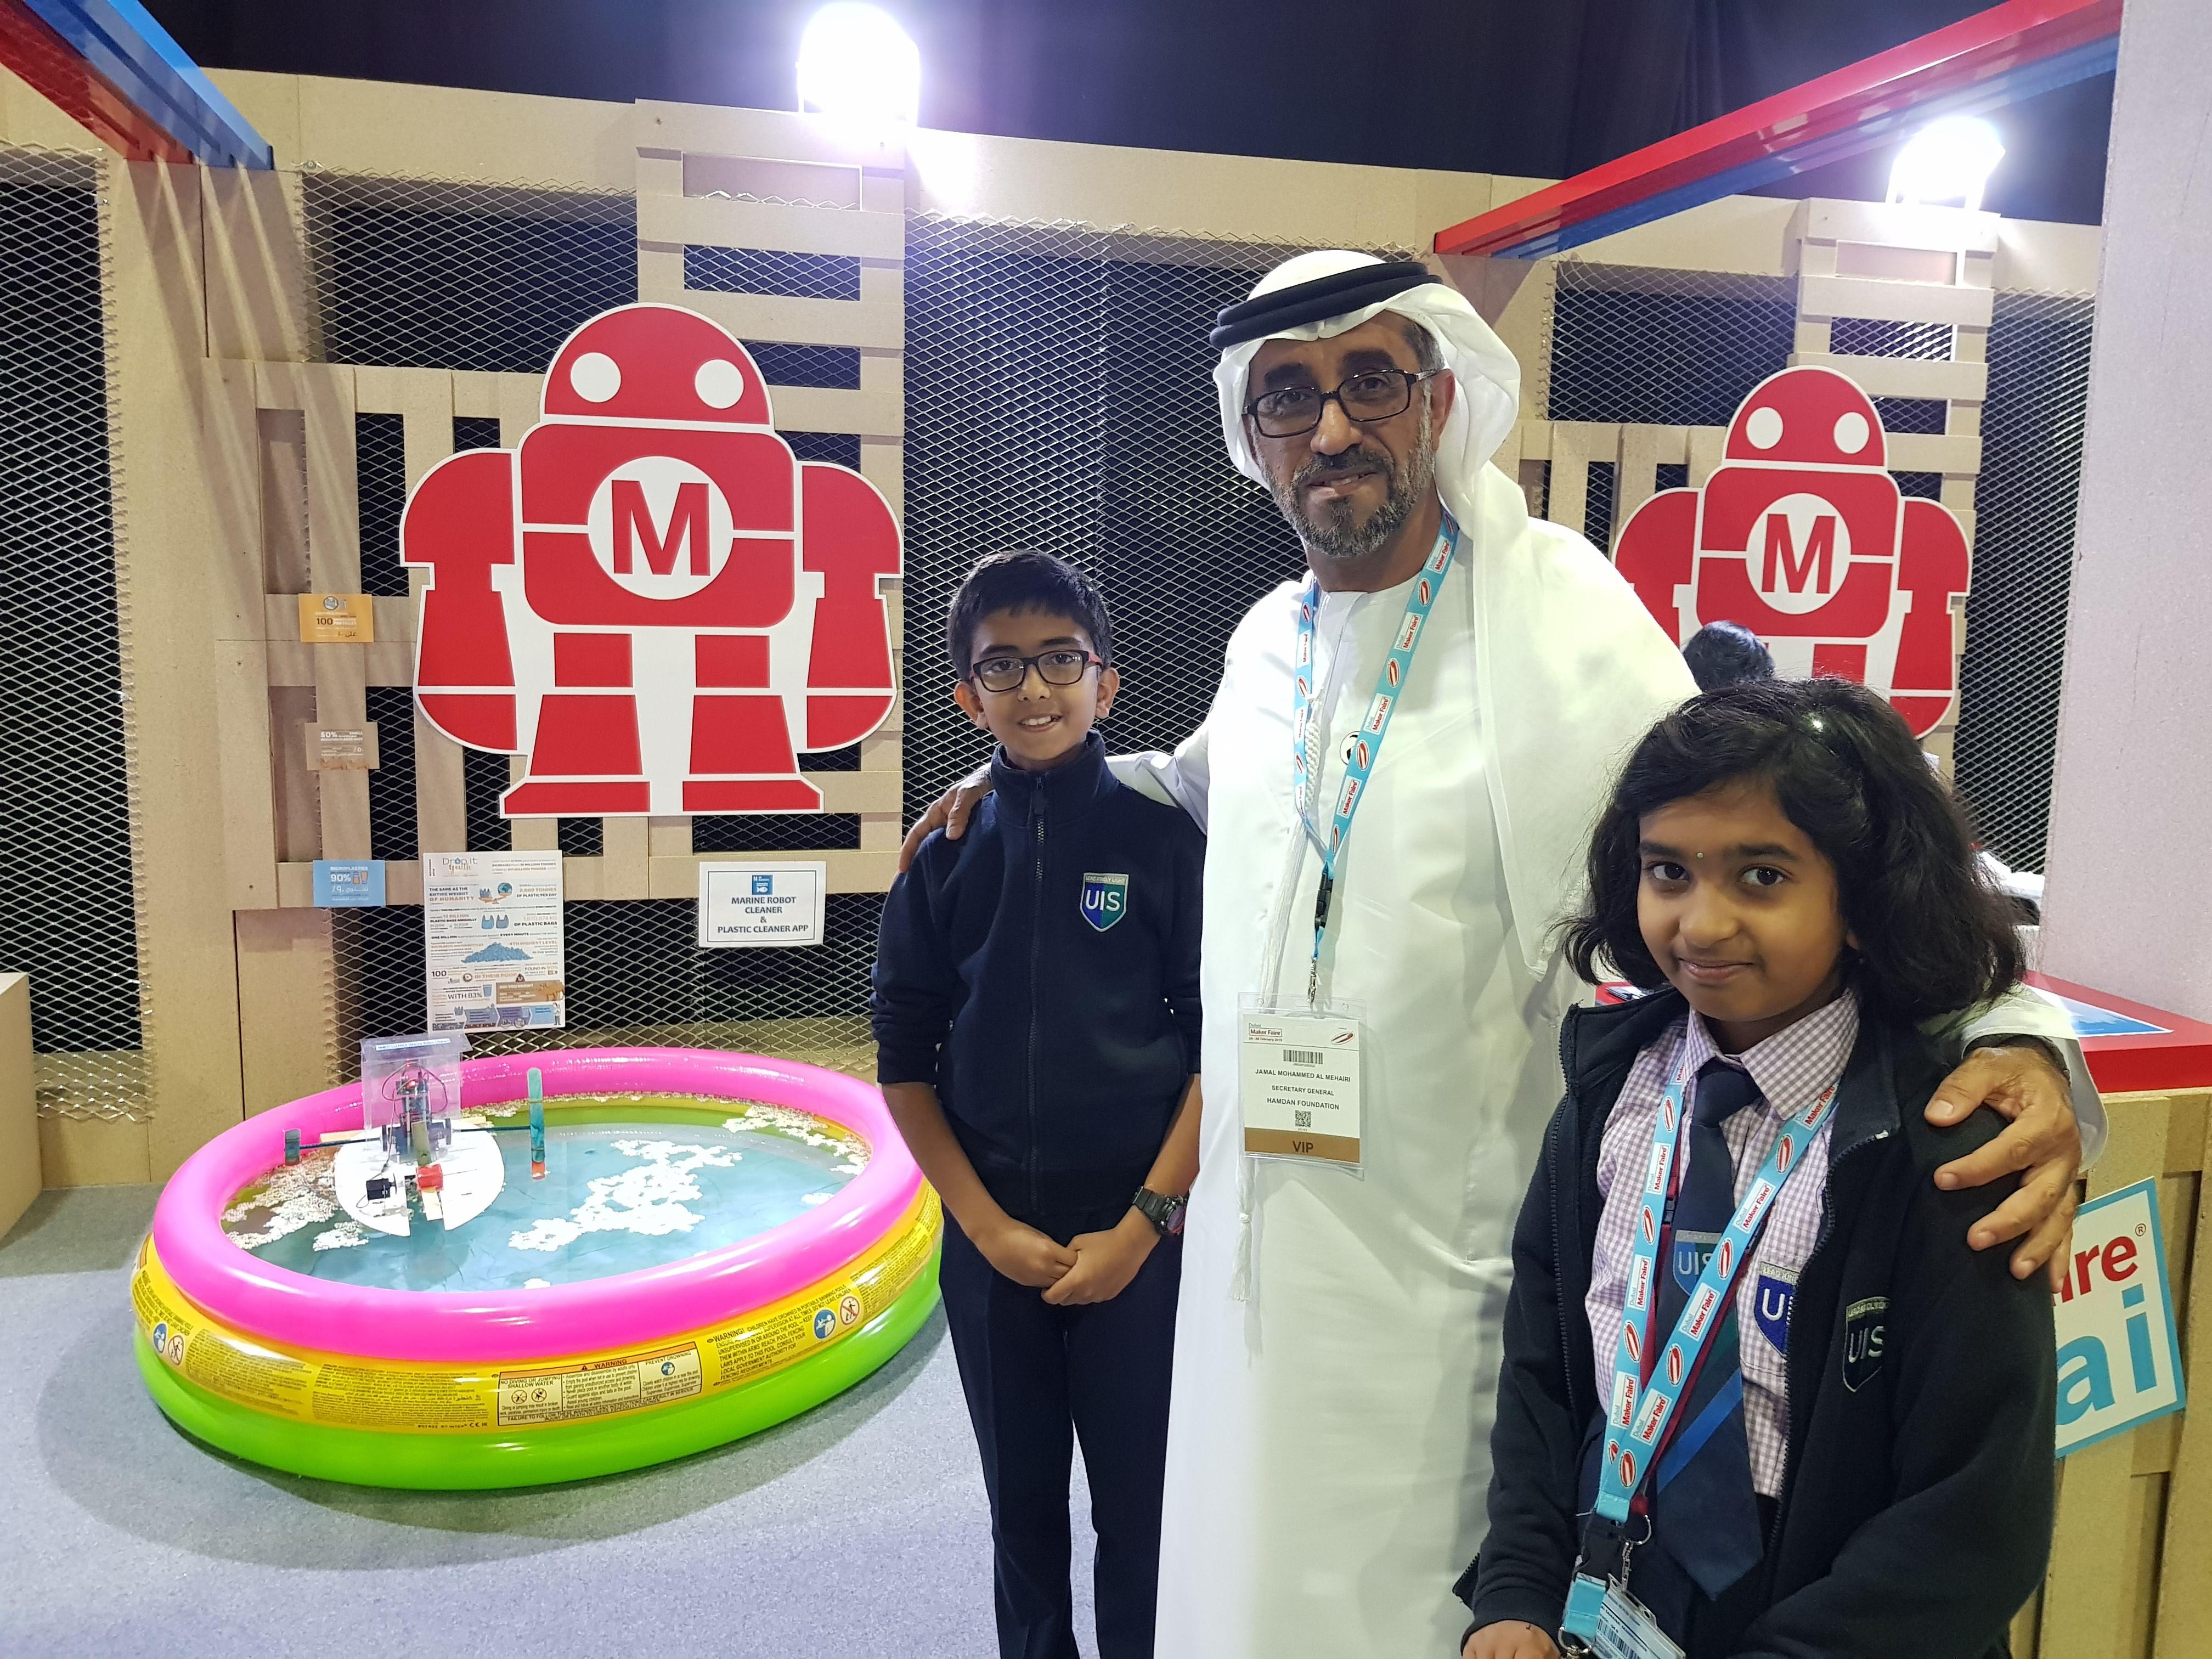 /srv/www/vhosts/user3101/html/entrepreneurship-campus.org/wp-content/uploads/2019/05/Dubai-Makers-Faire.jpg